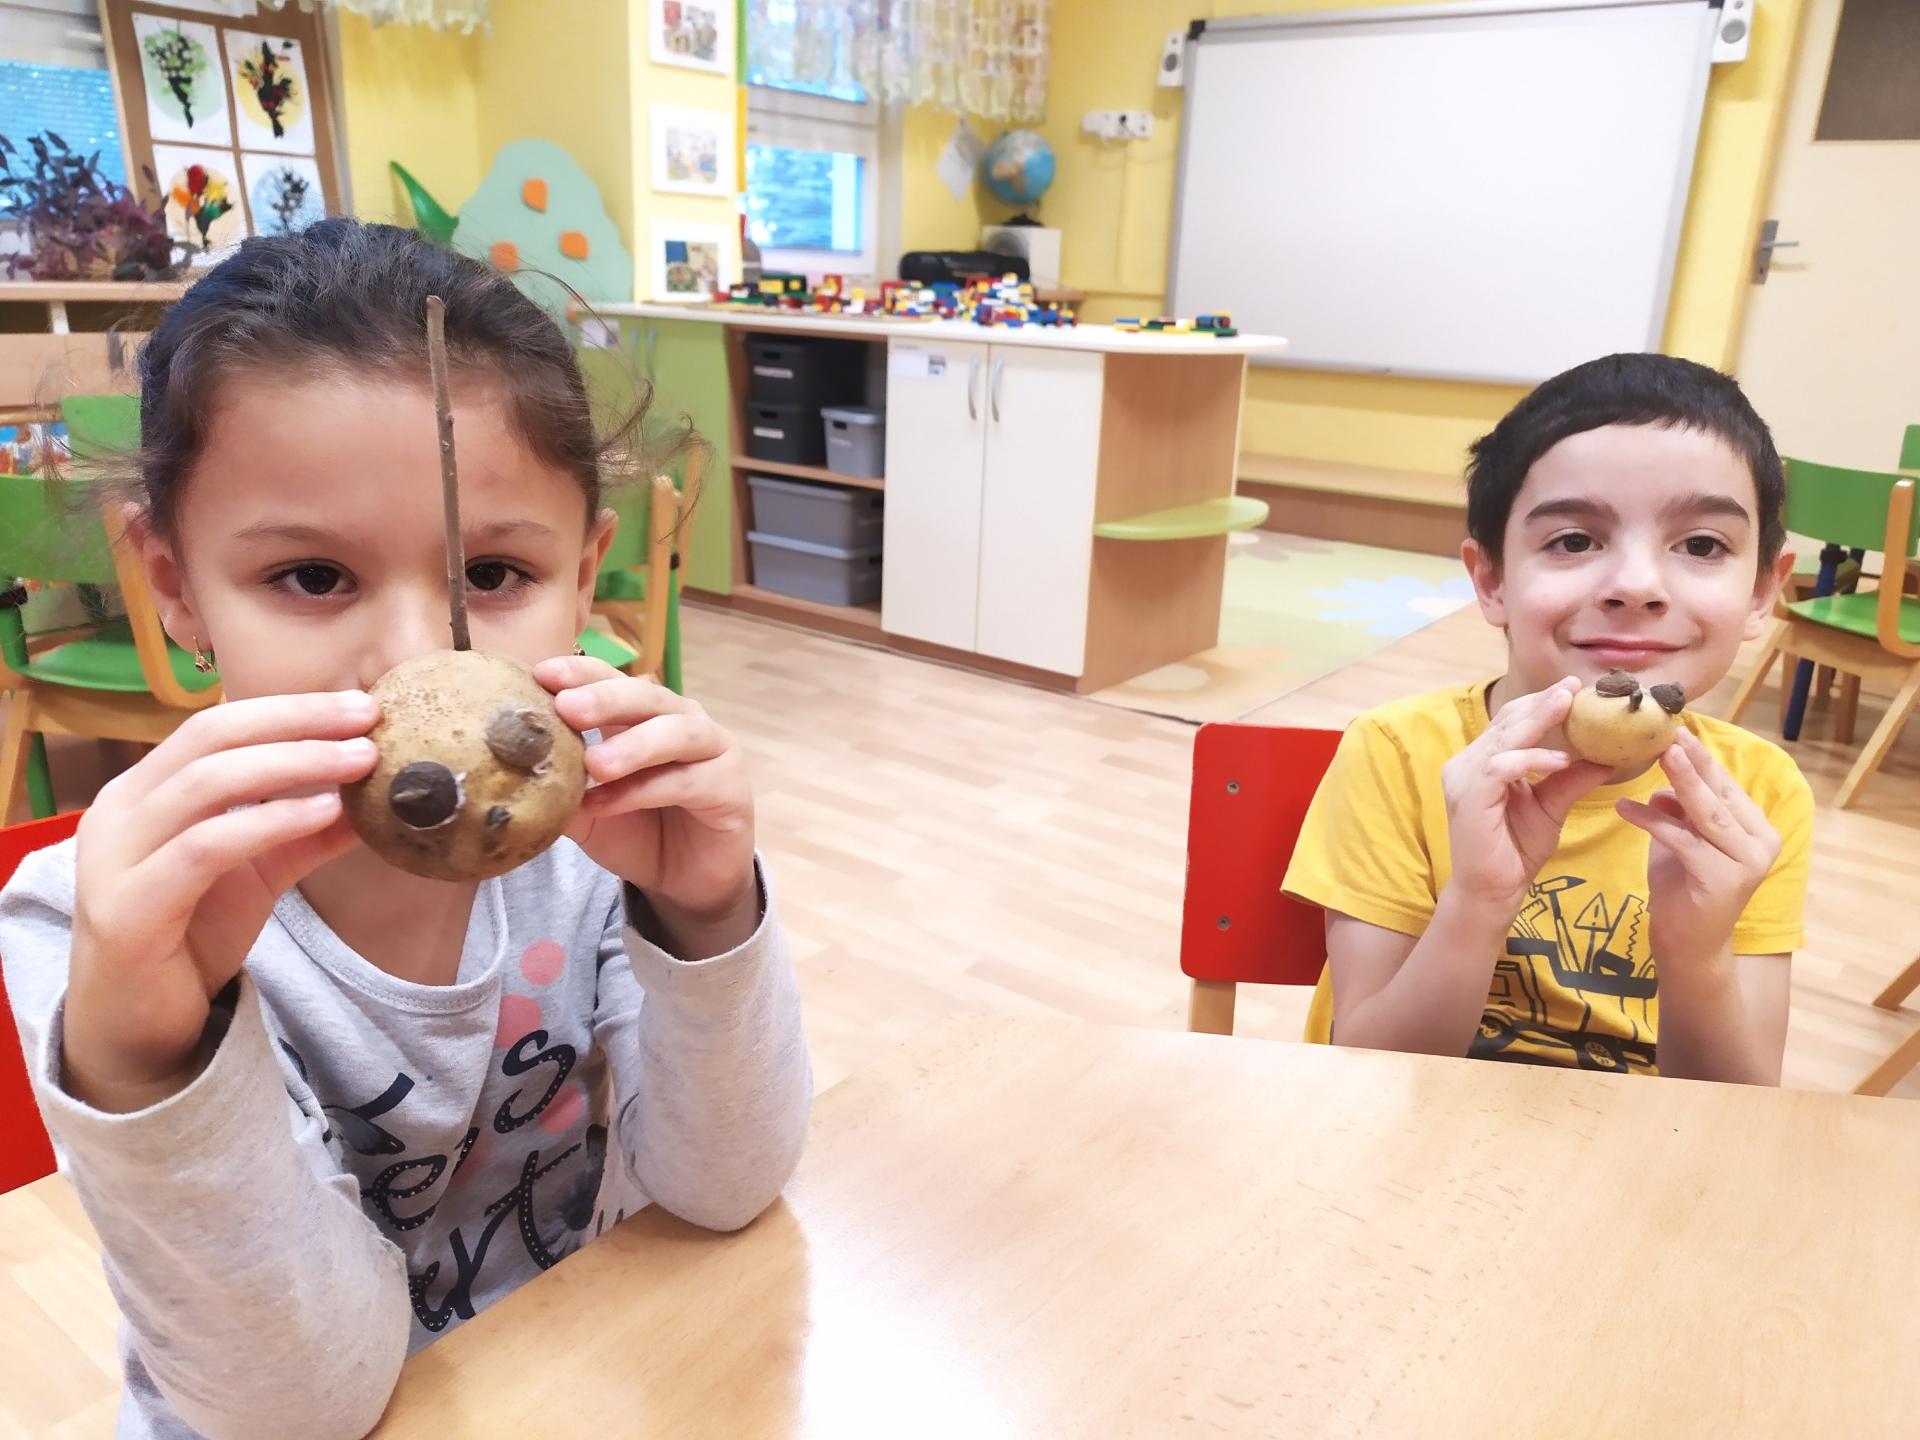 děti s bramborovými hlavičkami